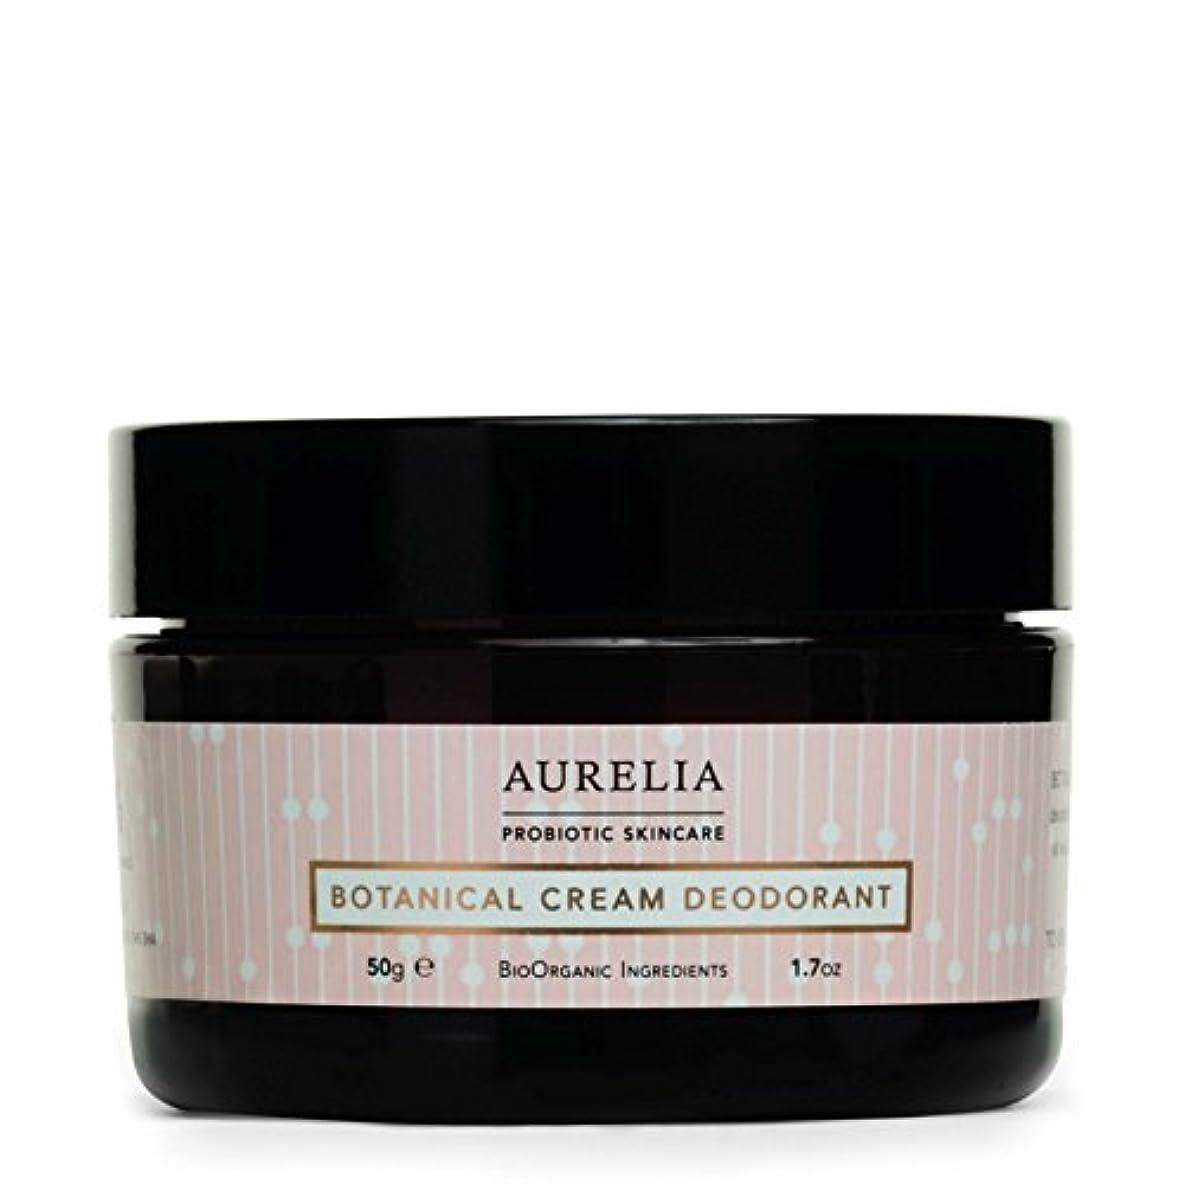 またはどちらかお嬢悪化させる[Aurelia Probiotic Skincare ] アウレリアプロバイオティクススキンケアボタニカルクリーム消臭50グラム - Aurelia Probiotic Skincare Botanical Cream Deodorant 50g [並行輸入品]